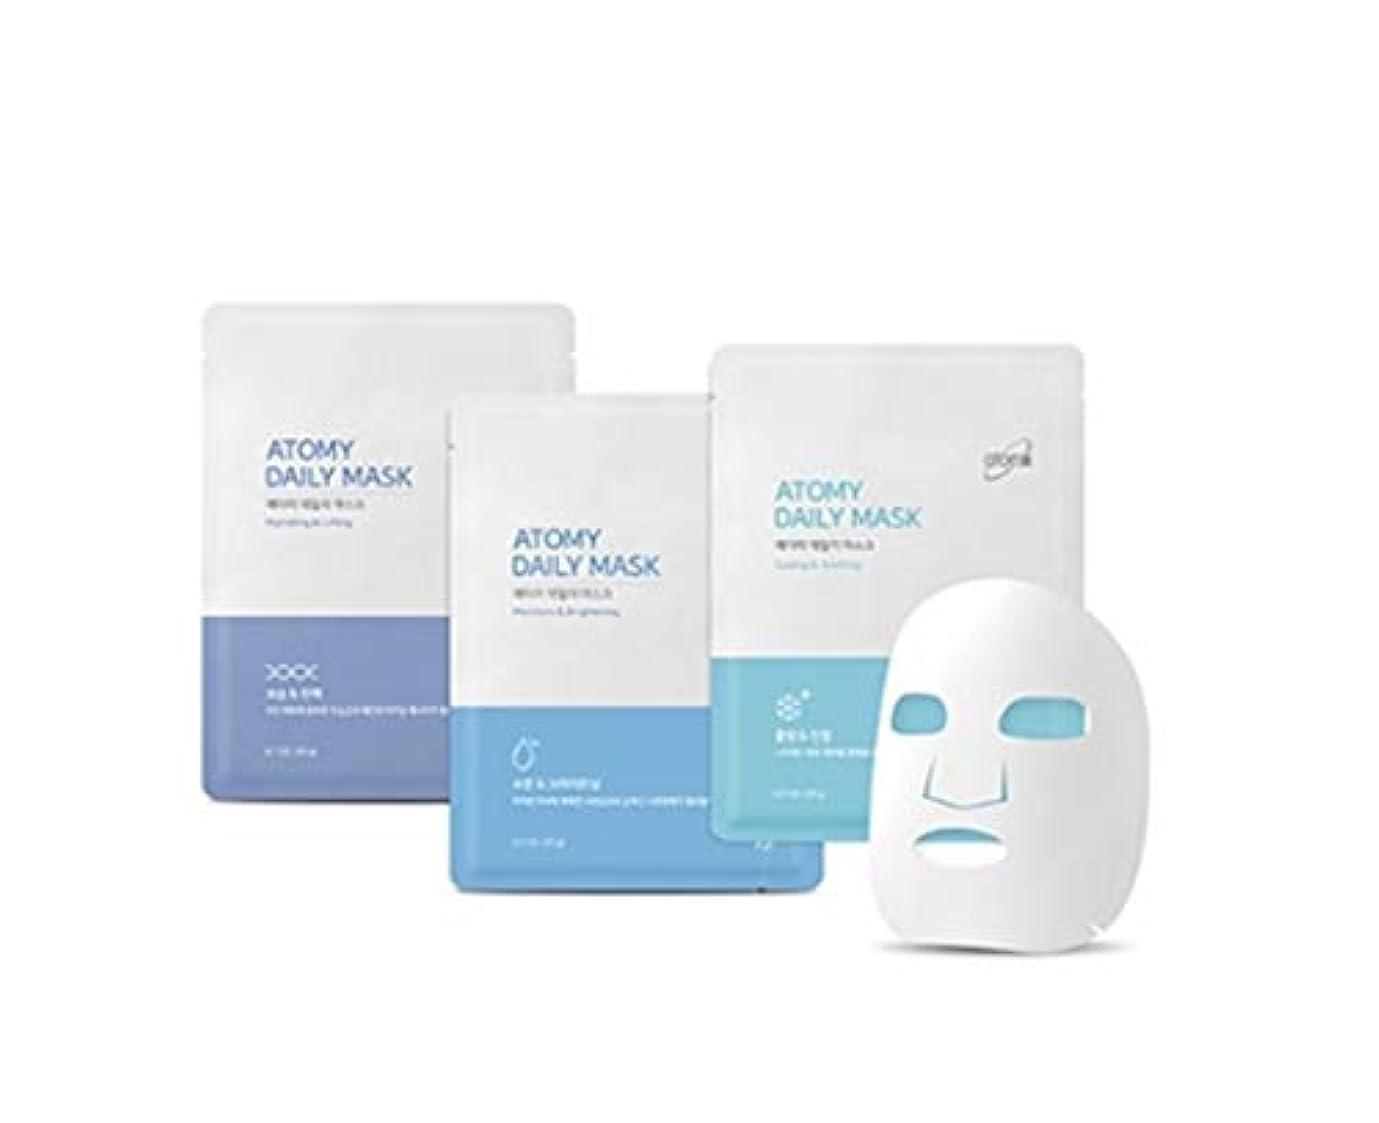 縮れたセットアップ哀れな[NEW] Atomy Daily Mask Sheet 3 Type Combo 30 Pack- Moisture & Brightening,Cooling & Soothing,Moisture & Brightening...